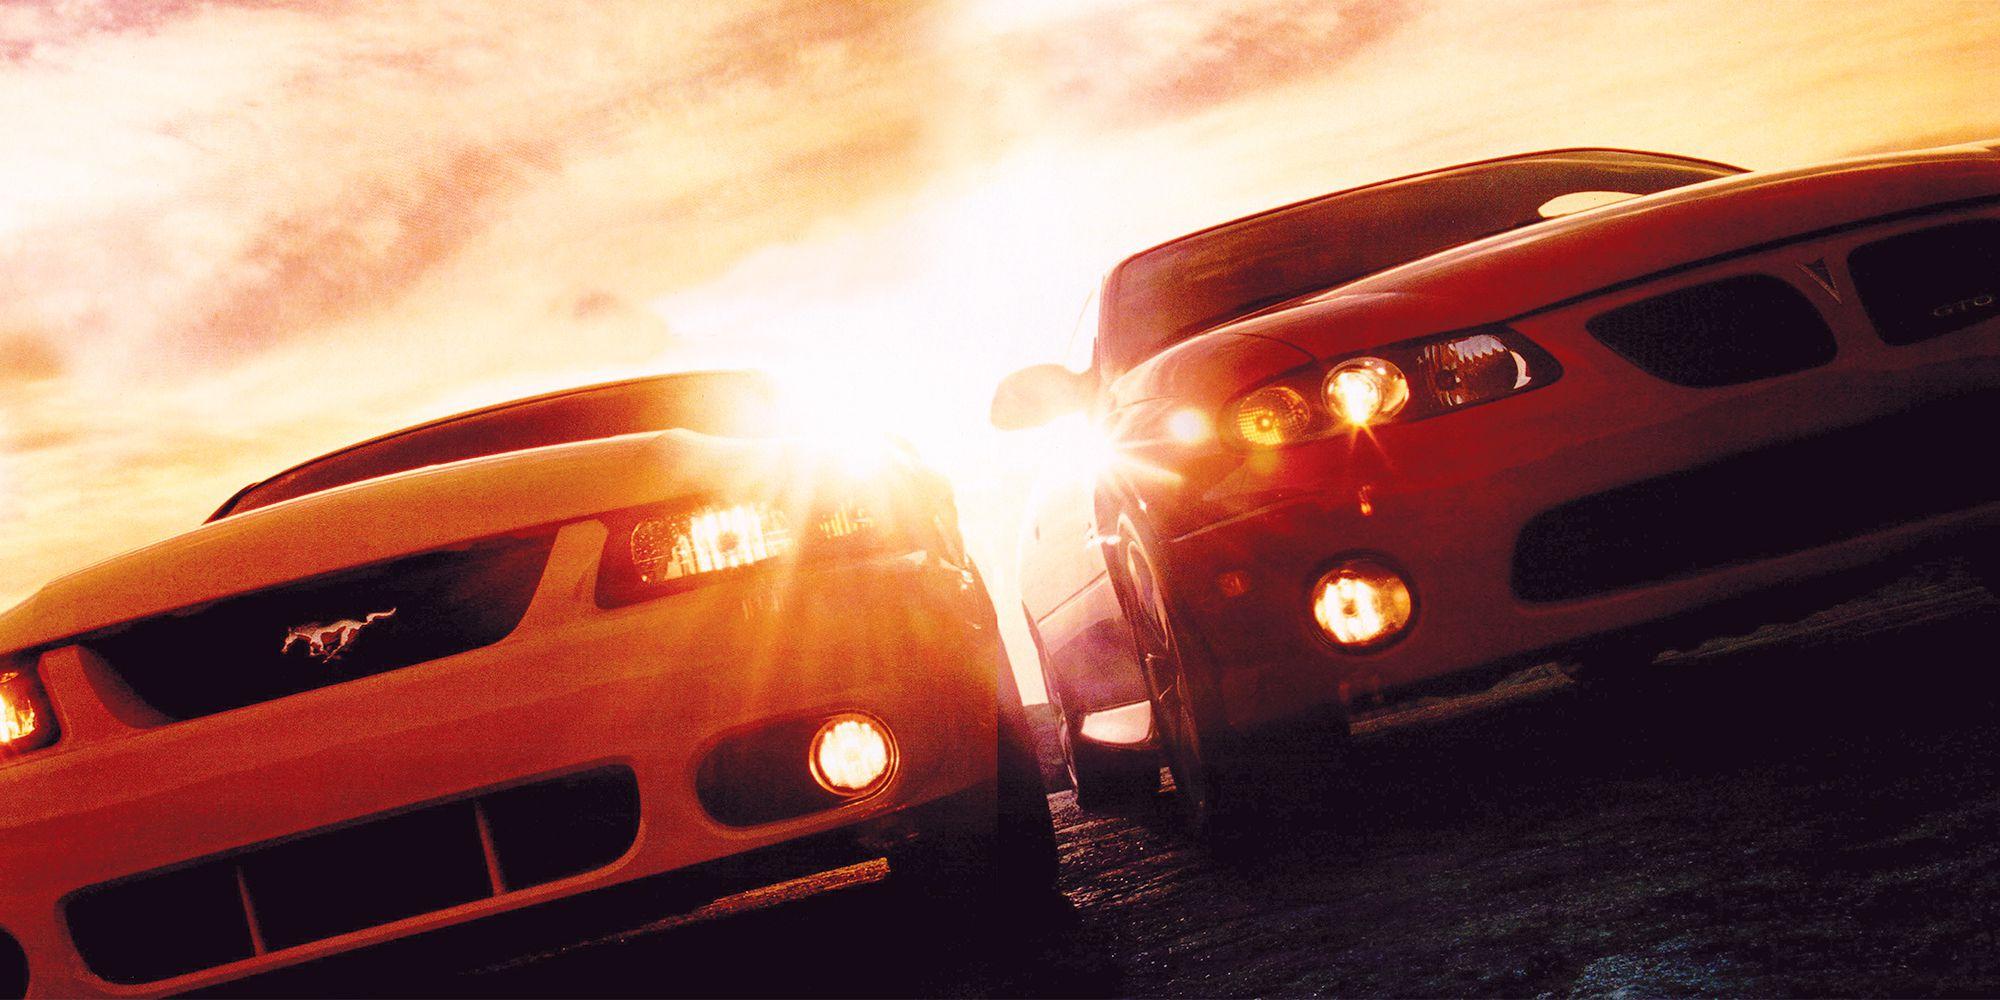 2004 Ford Mustang Svt Cobra Vs Pontiac Gto Stangbangers 1988 Fog Lights